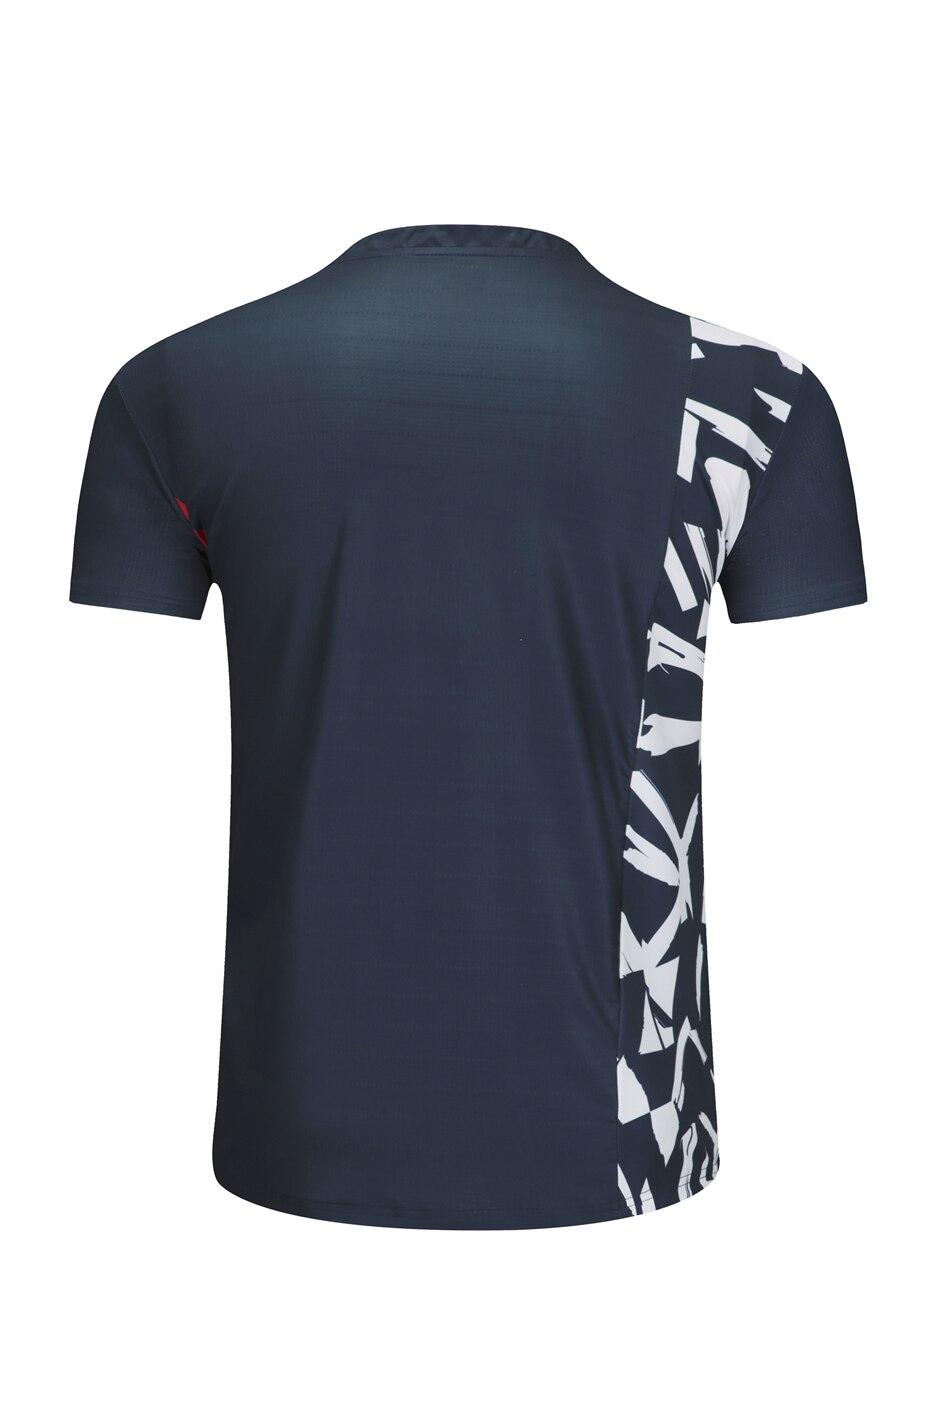 manga curta secagem rápida esportes camisa de